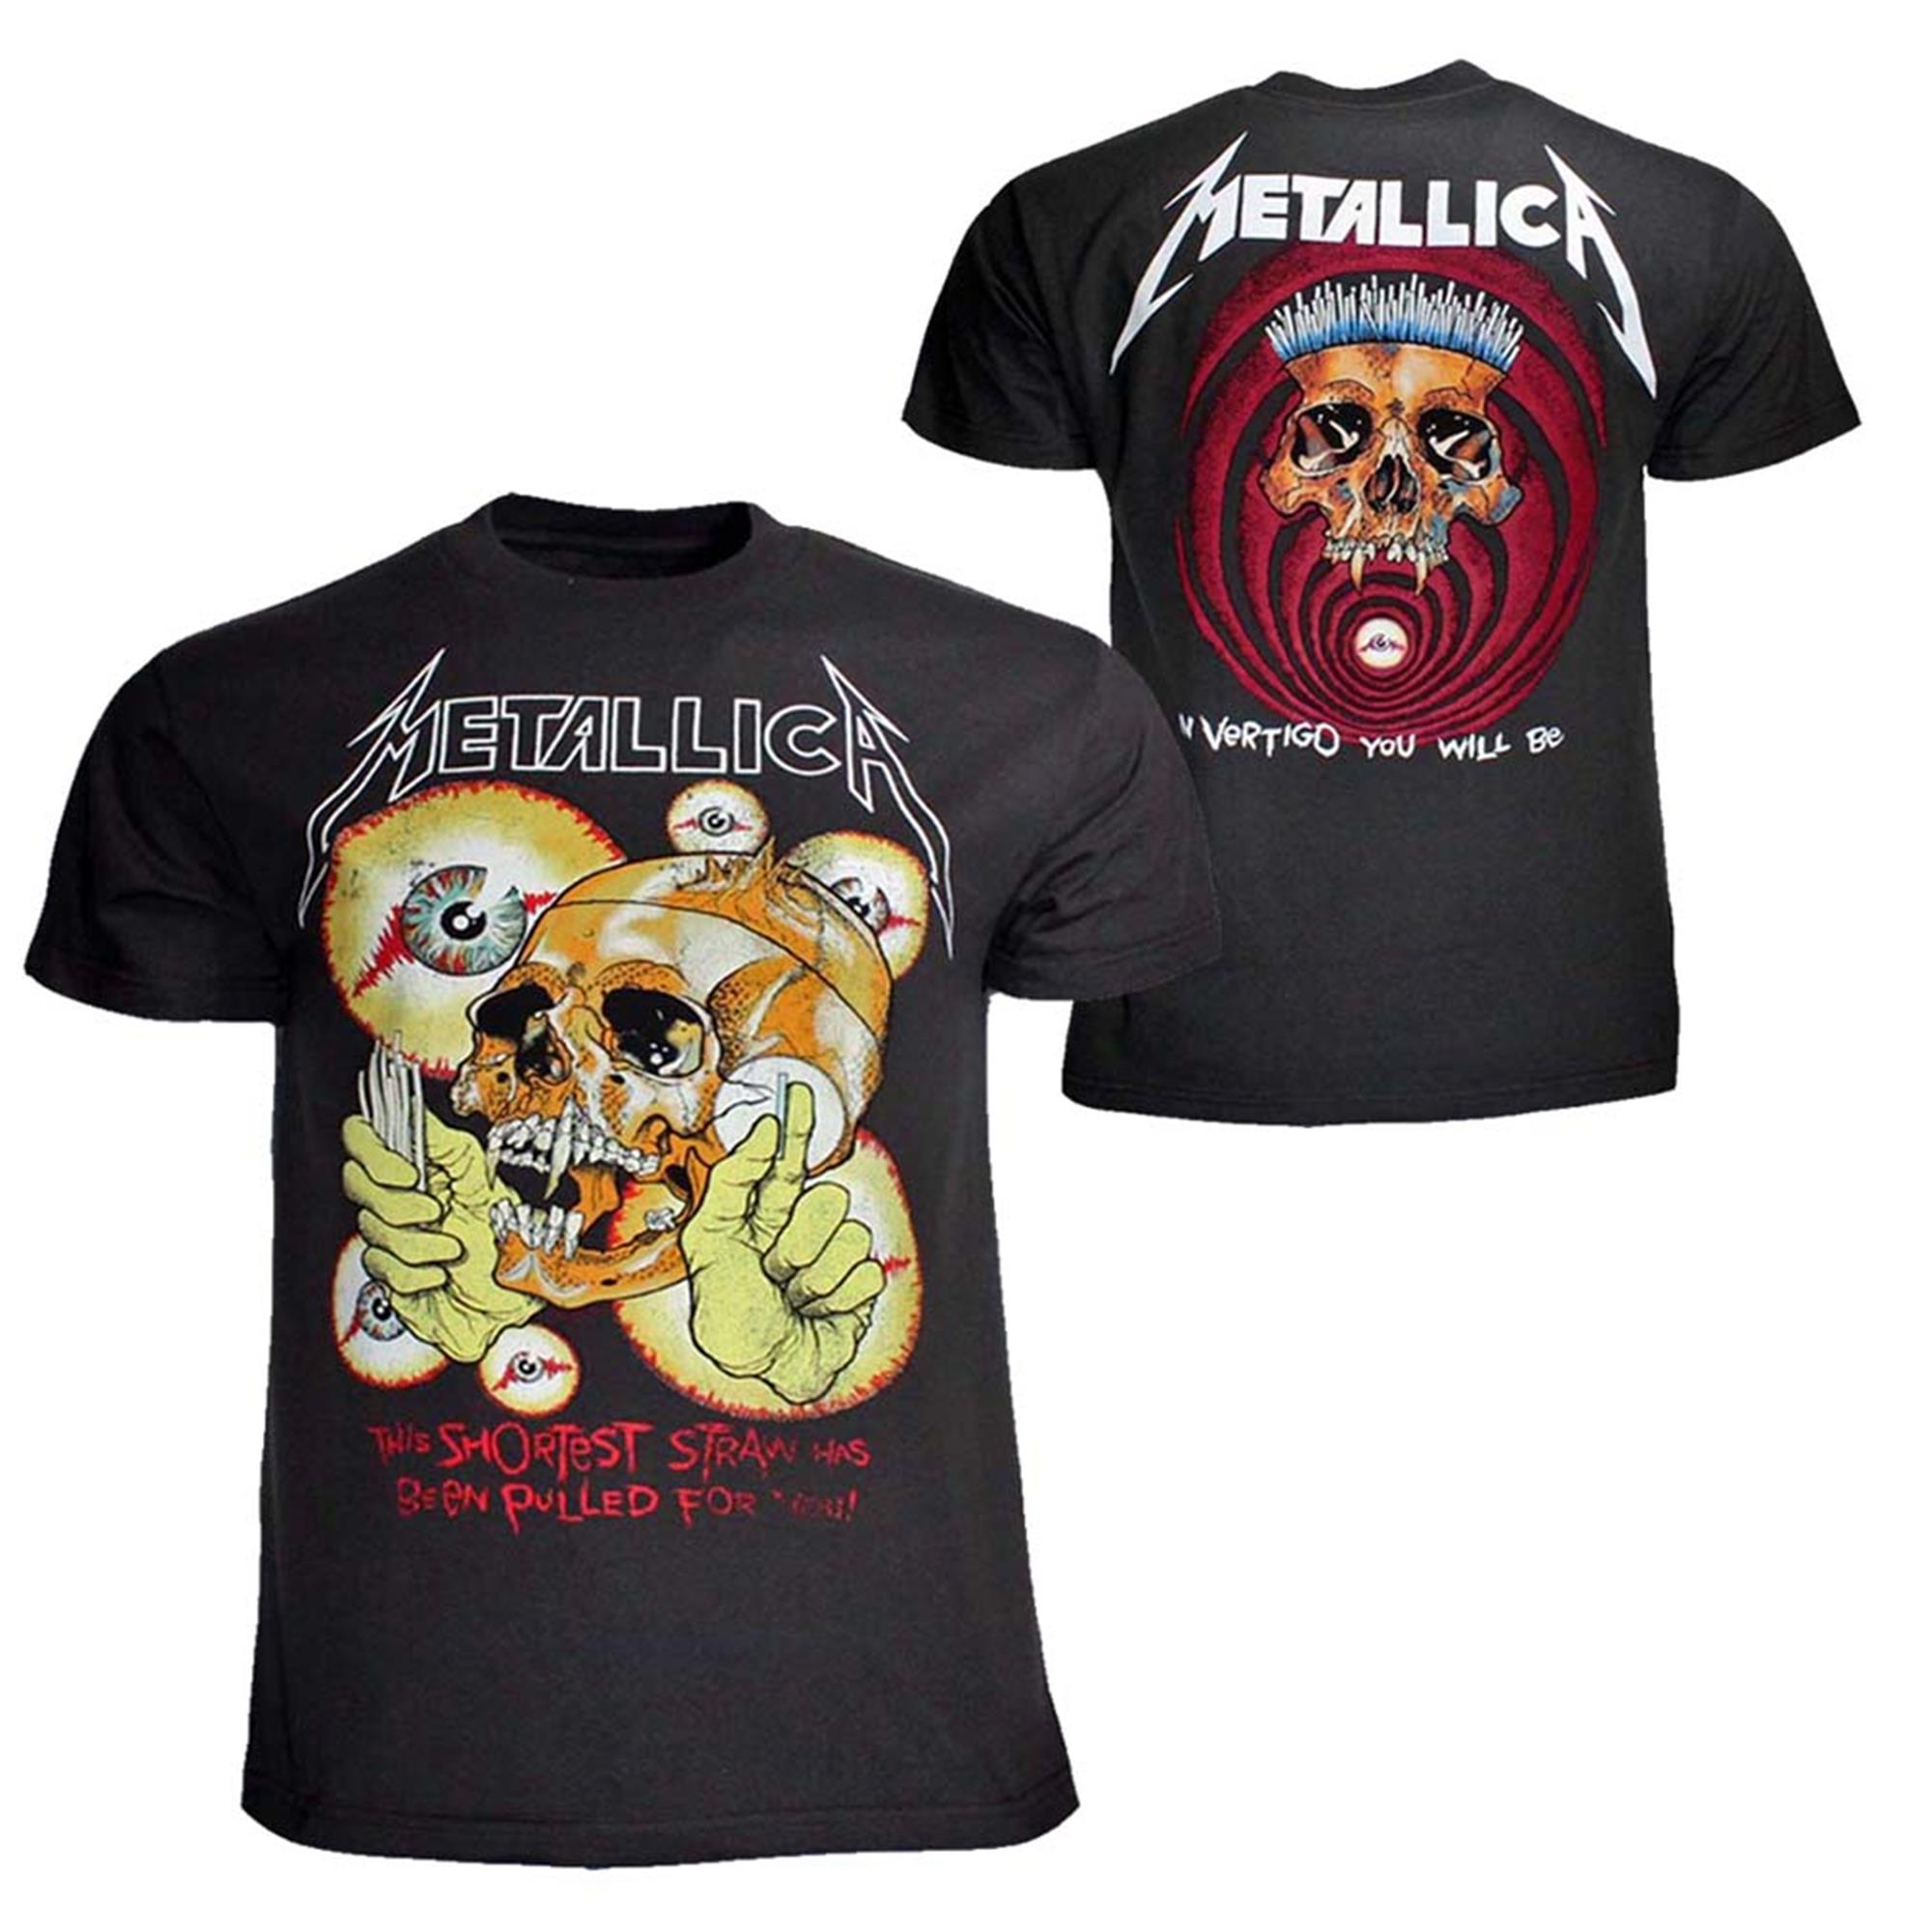 Metallica Shortest Straw T-Shirt